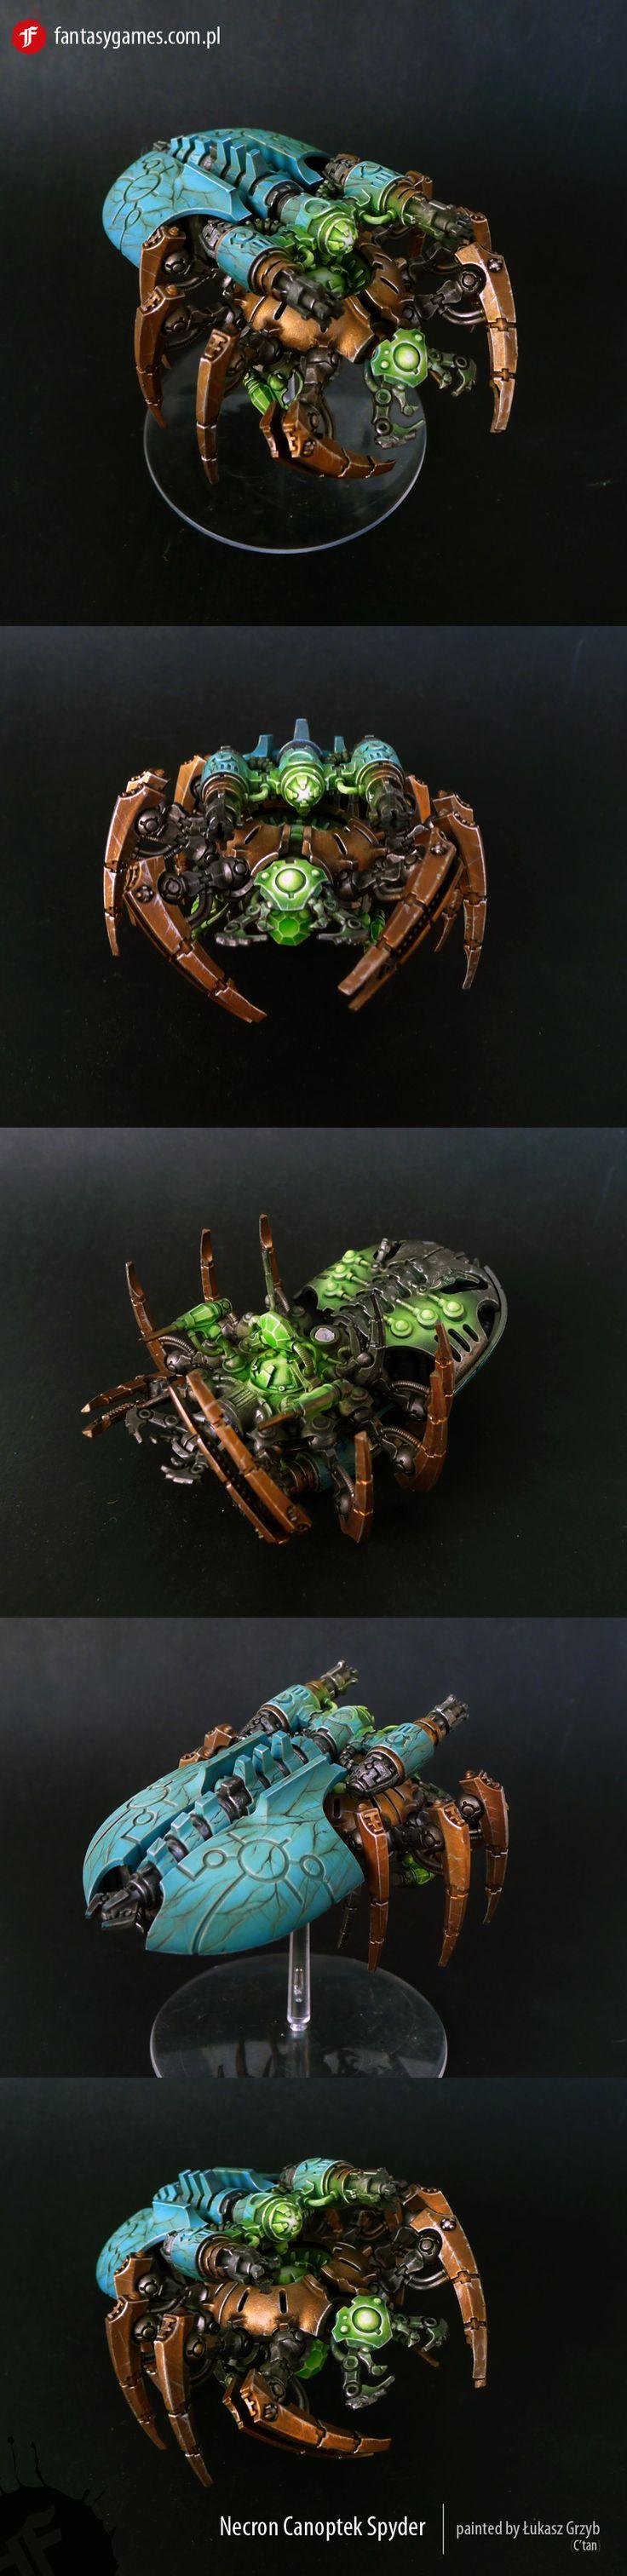 40k - Necron Canoptek Spyder by fantasygames.com.pl